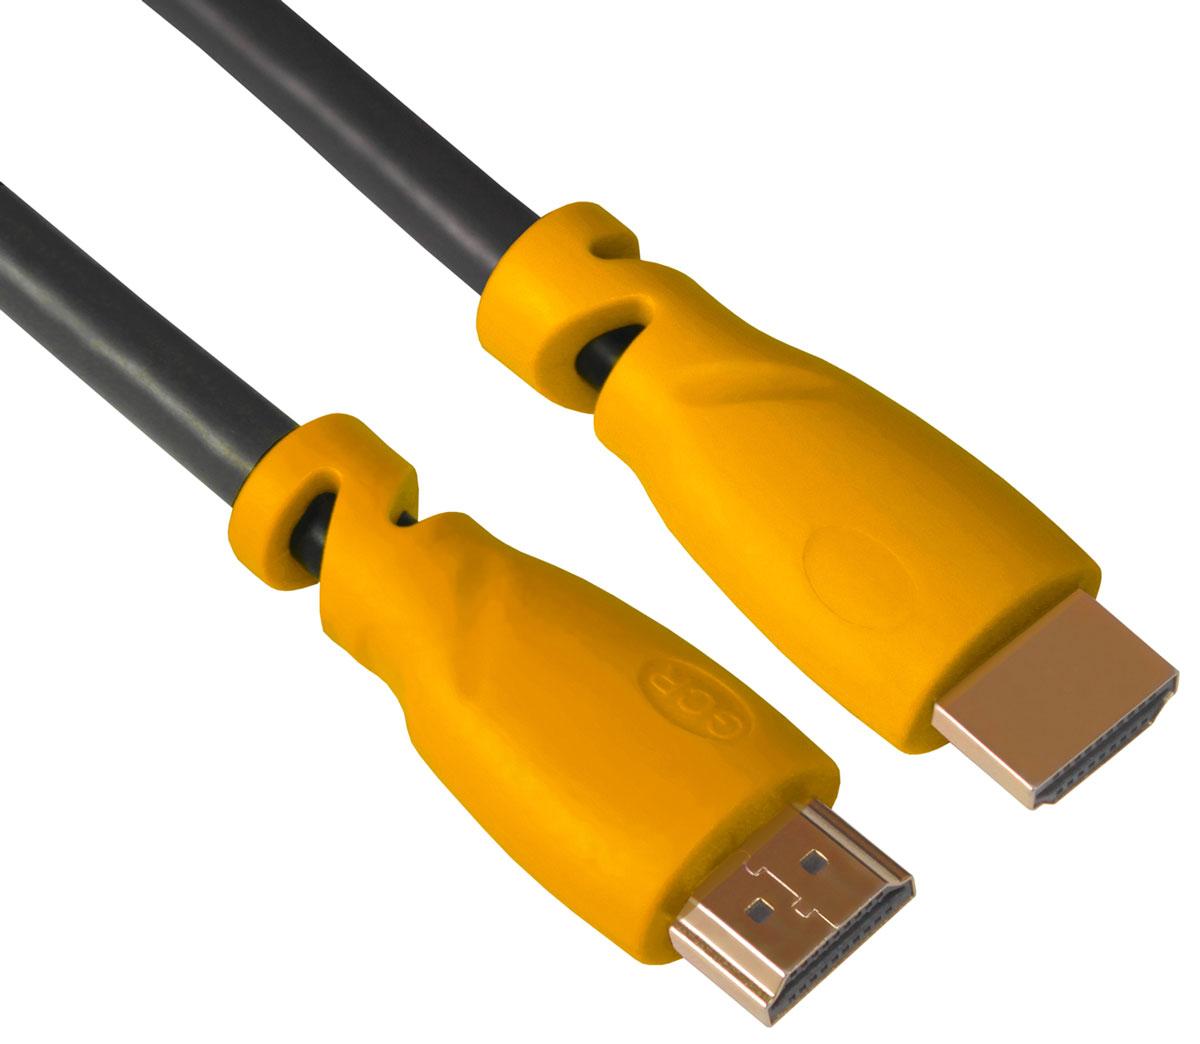 Greenconnect GCR-HM340 кабель HDMI (1 м)GCR-HM340-1.0mКабель HDMI v 1.4 Greenconnect GCR-HM340 - отличное решение для подключения компьютера, игровых консолей, DVD и Blu-ray плееров, аудио-ресиверов к телевизору или дополнительному монитору. Кабель HDMI поддерживает как стандартные, так и высокие разрешения самых современных моделей телевизоров.Greenconnect GCR-HM340 поддерживает 4K, Full HD и HD разрешения. Это даёт возможность наслаждаться более точной и естественной картинкой с высочайшим уровнем детализации и диапазоном цветов. Использование кабеля позволяет передавать изображение в столь популярном формате 3D, усиливая элемент присутствия и позволяя получать удовольствие от качественного объёмного изображения.Кабель оснащен двунаправленным каналом для передачи сетевых данных, который подходит для использования IP-приложениями. Канал Ethernet позволяет нескольким устройствам работать в сети Ethernet без необходимости подключения дополнительных проводов, а также напрямую обмениваться контентом. Наличие обратного канала аудио устраняет необходимость в отдельном проводе для передачи звука в ресивер с телевизора или другого устройства, которое является одновременно источником аудио и видео.Максимальная скорость передачи данных по HDMI кабелю Greenconnect GCR-HM340 до 10,2 Гбит/с. Высокая скорость обеспечивает передачу больших объёмов данных за кратчайшее время. Позволяет передавать данные в онлайн режиме без потери качества. Экранирование кабеля защищает сигнал при передаче от влияния внешних полей, способных создать помехи.Внешняя оболочка кабеля Greenconnect GCR-HM340 изготовлена из экологически чистого PVС, соответствующего европейскому стандарту безотходного производства RoHS. Коннектор HDMI кабеля способен выдержать более 10 тысяч подключений, благодаря высококачественным материалам и практичному дизайну.